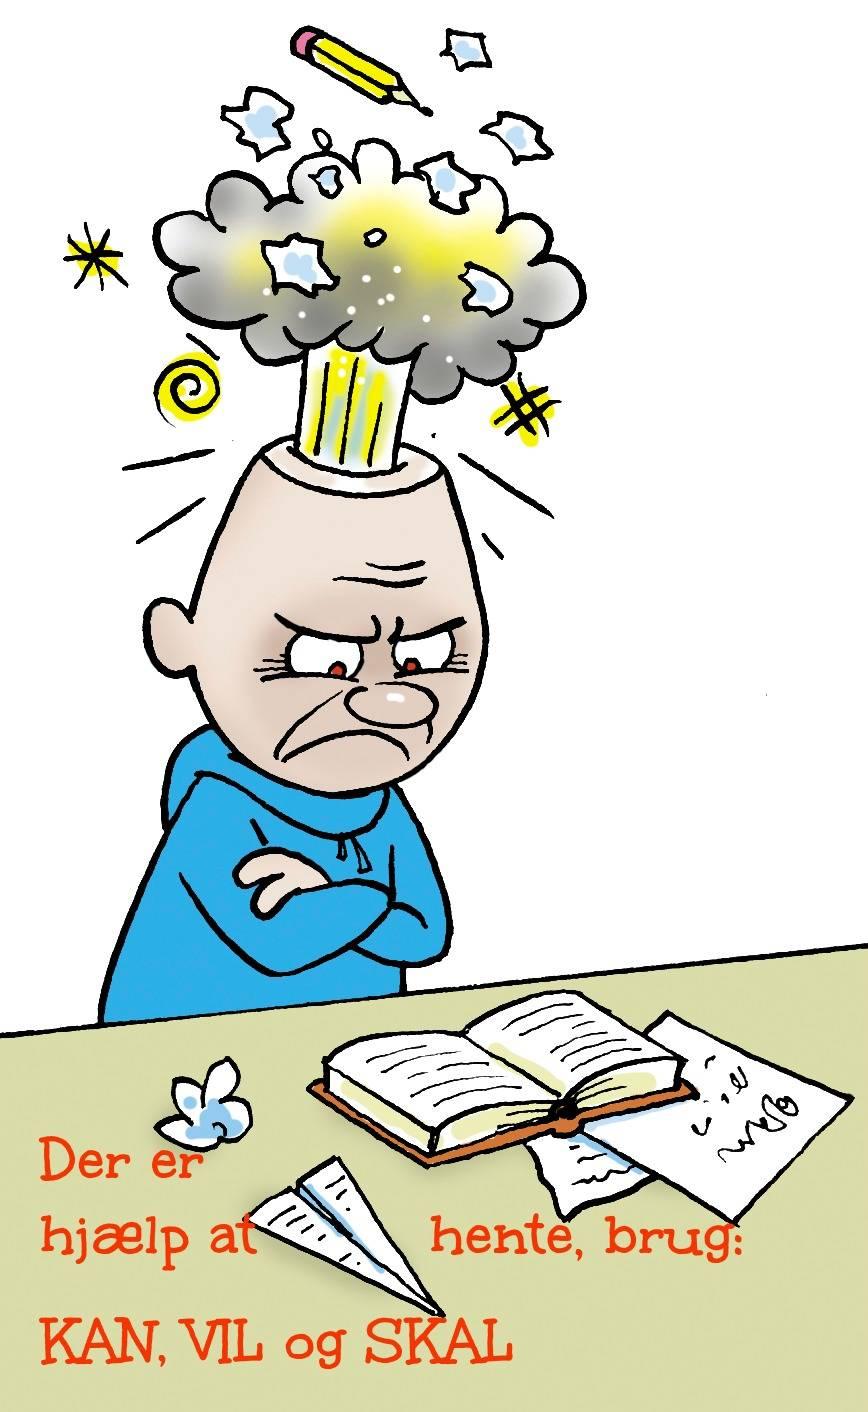 Tankemylder – bruger du også VIL, KAN og SKAL?